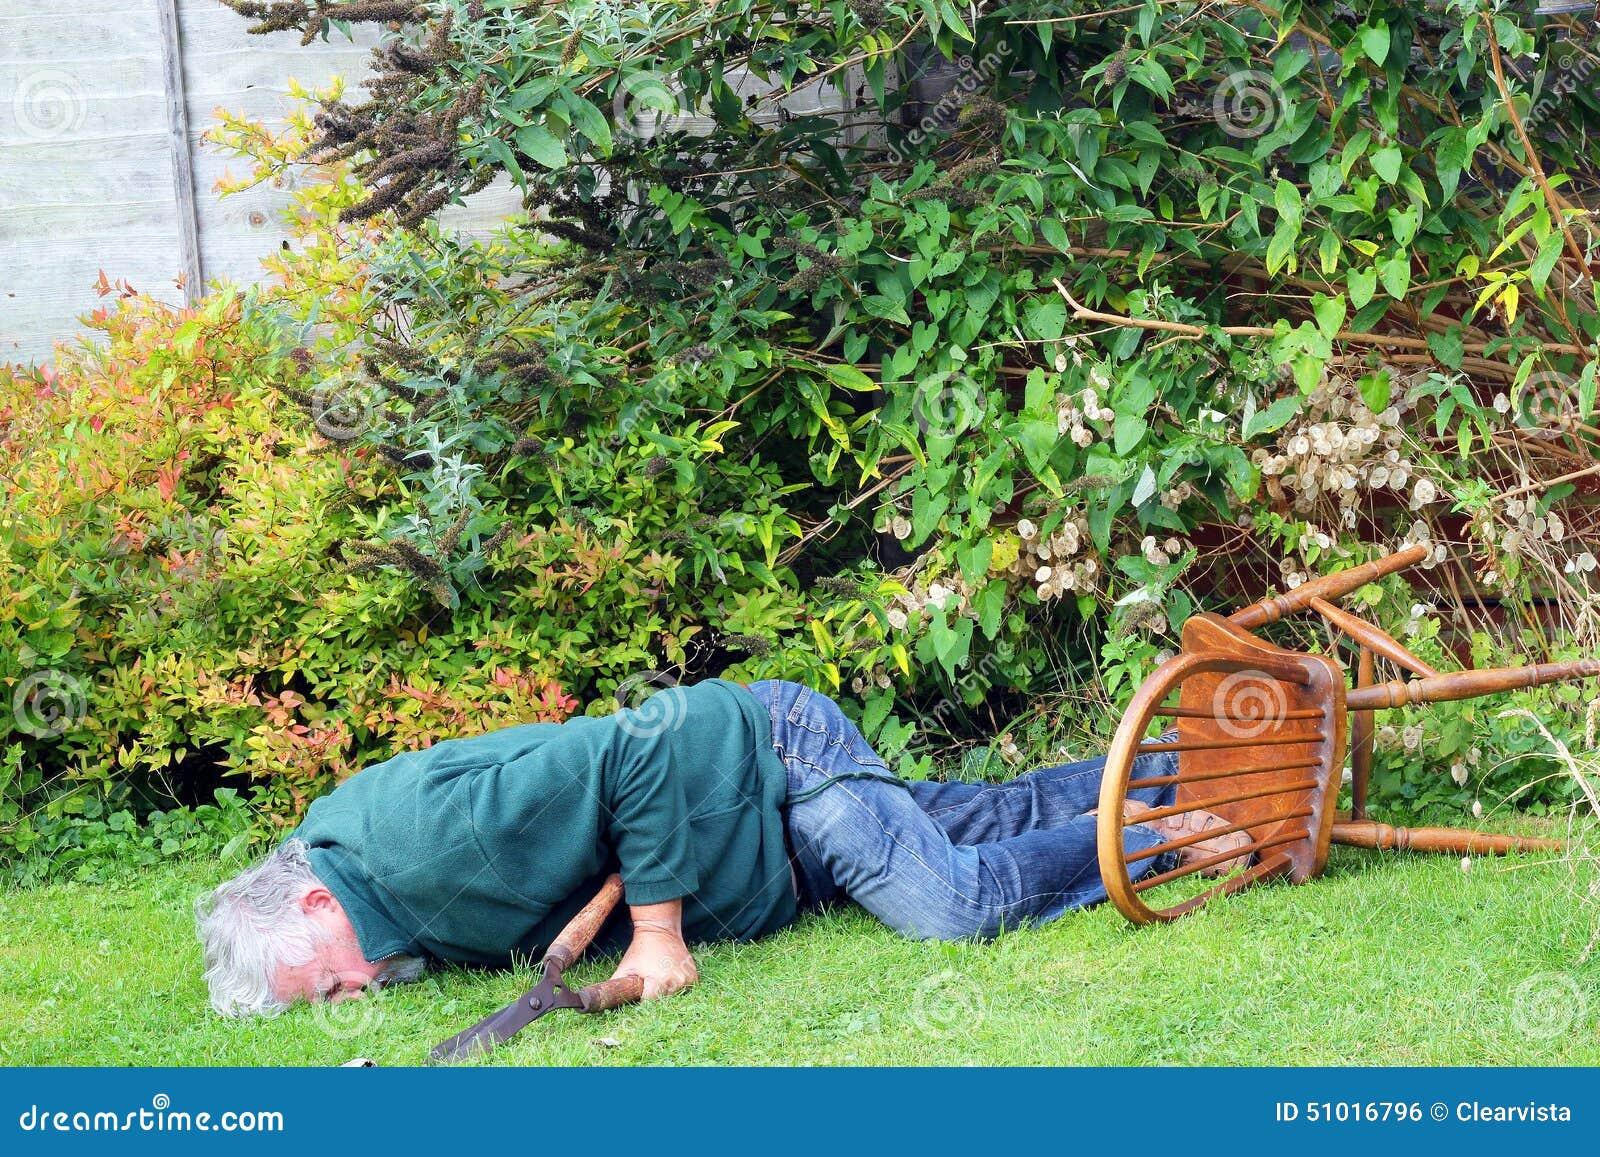 Accident Chute De Jardin Plus De Danger Homme Inconscient